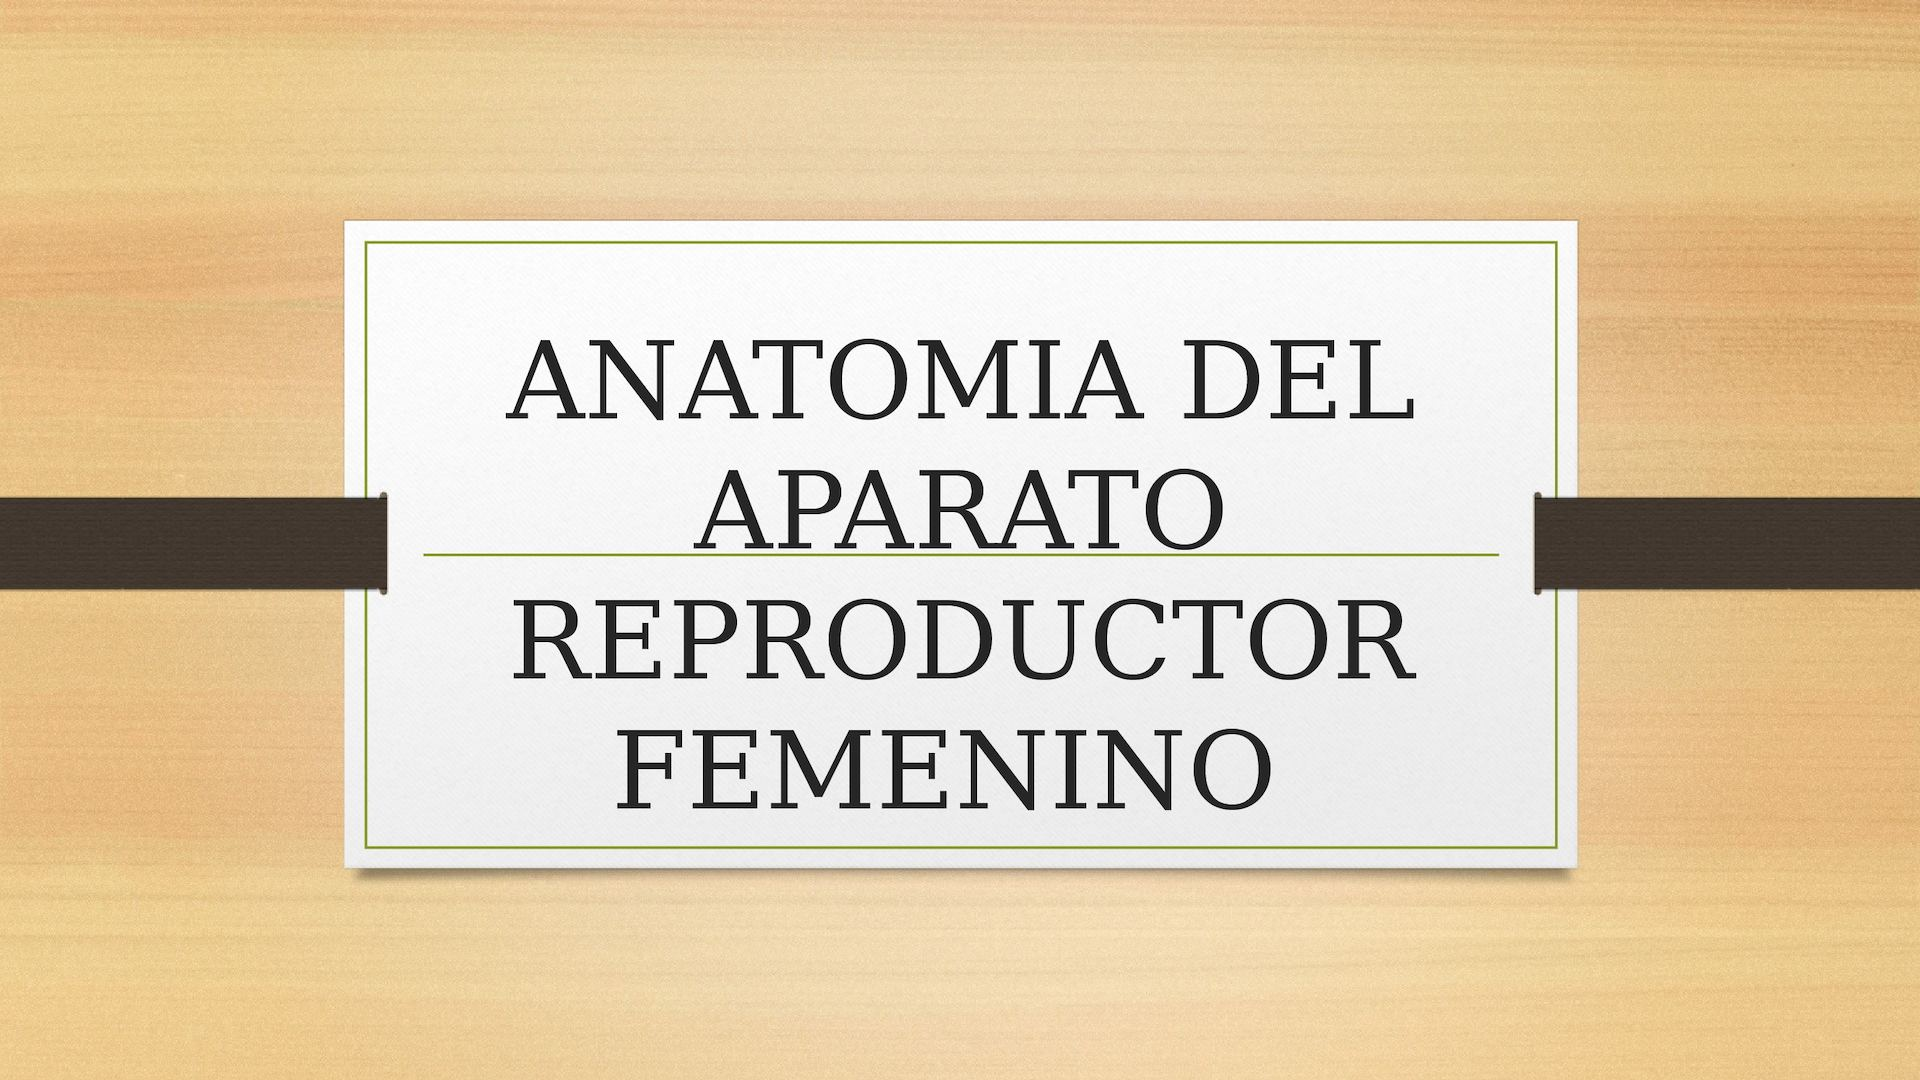 Calaméo - Anatomia Aparato Reproductor Femenino